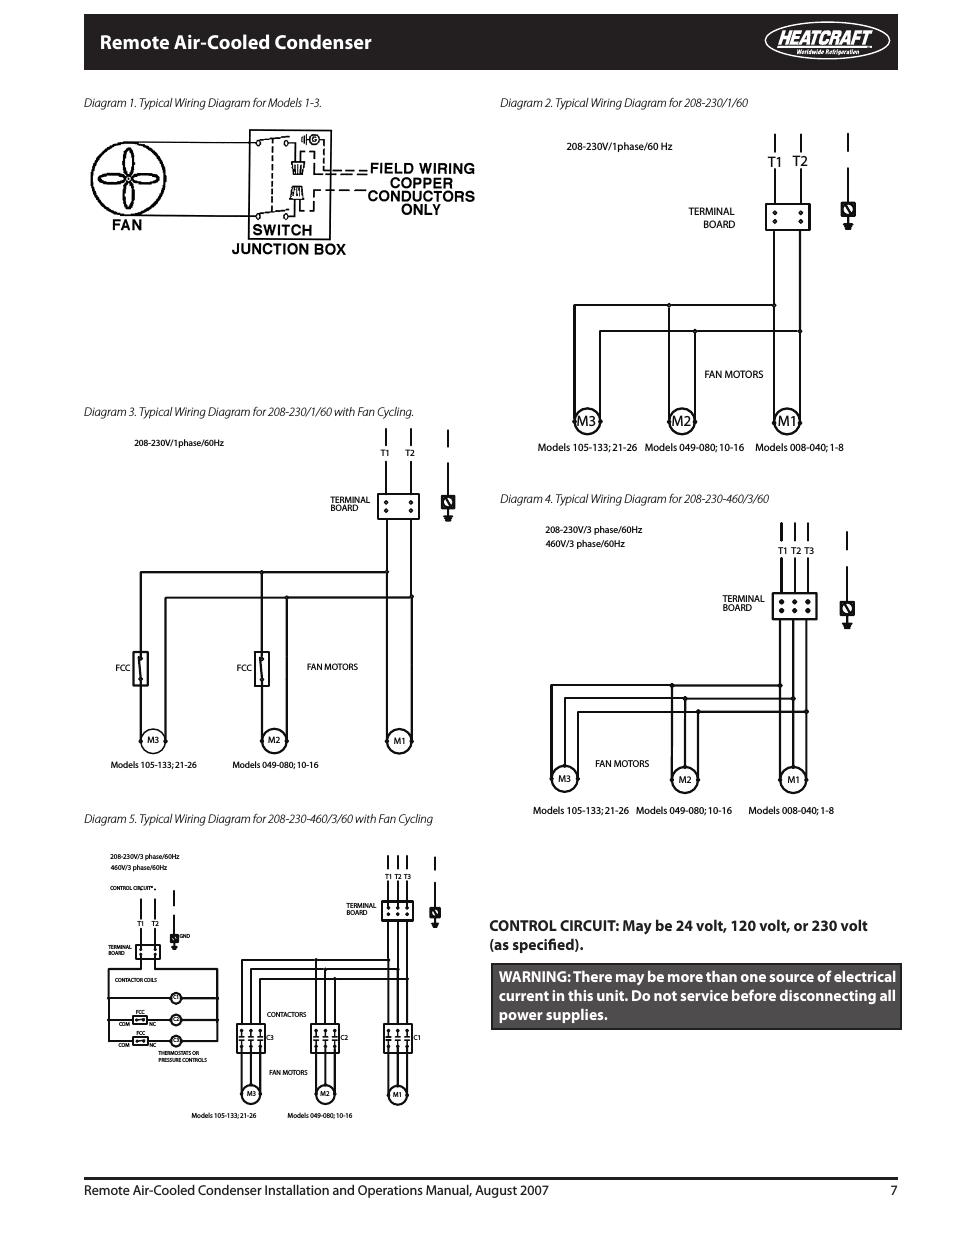 heatcraft evaporator coil wiring diagram fc 6976  bohn wiring diagrams wiring diagram  bohn wiring diagrams wiring diagram